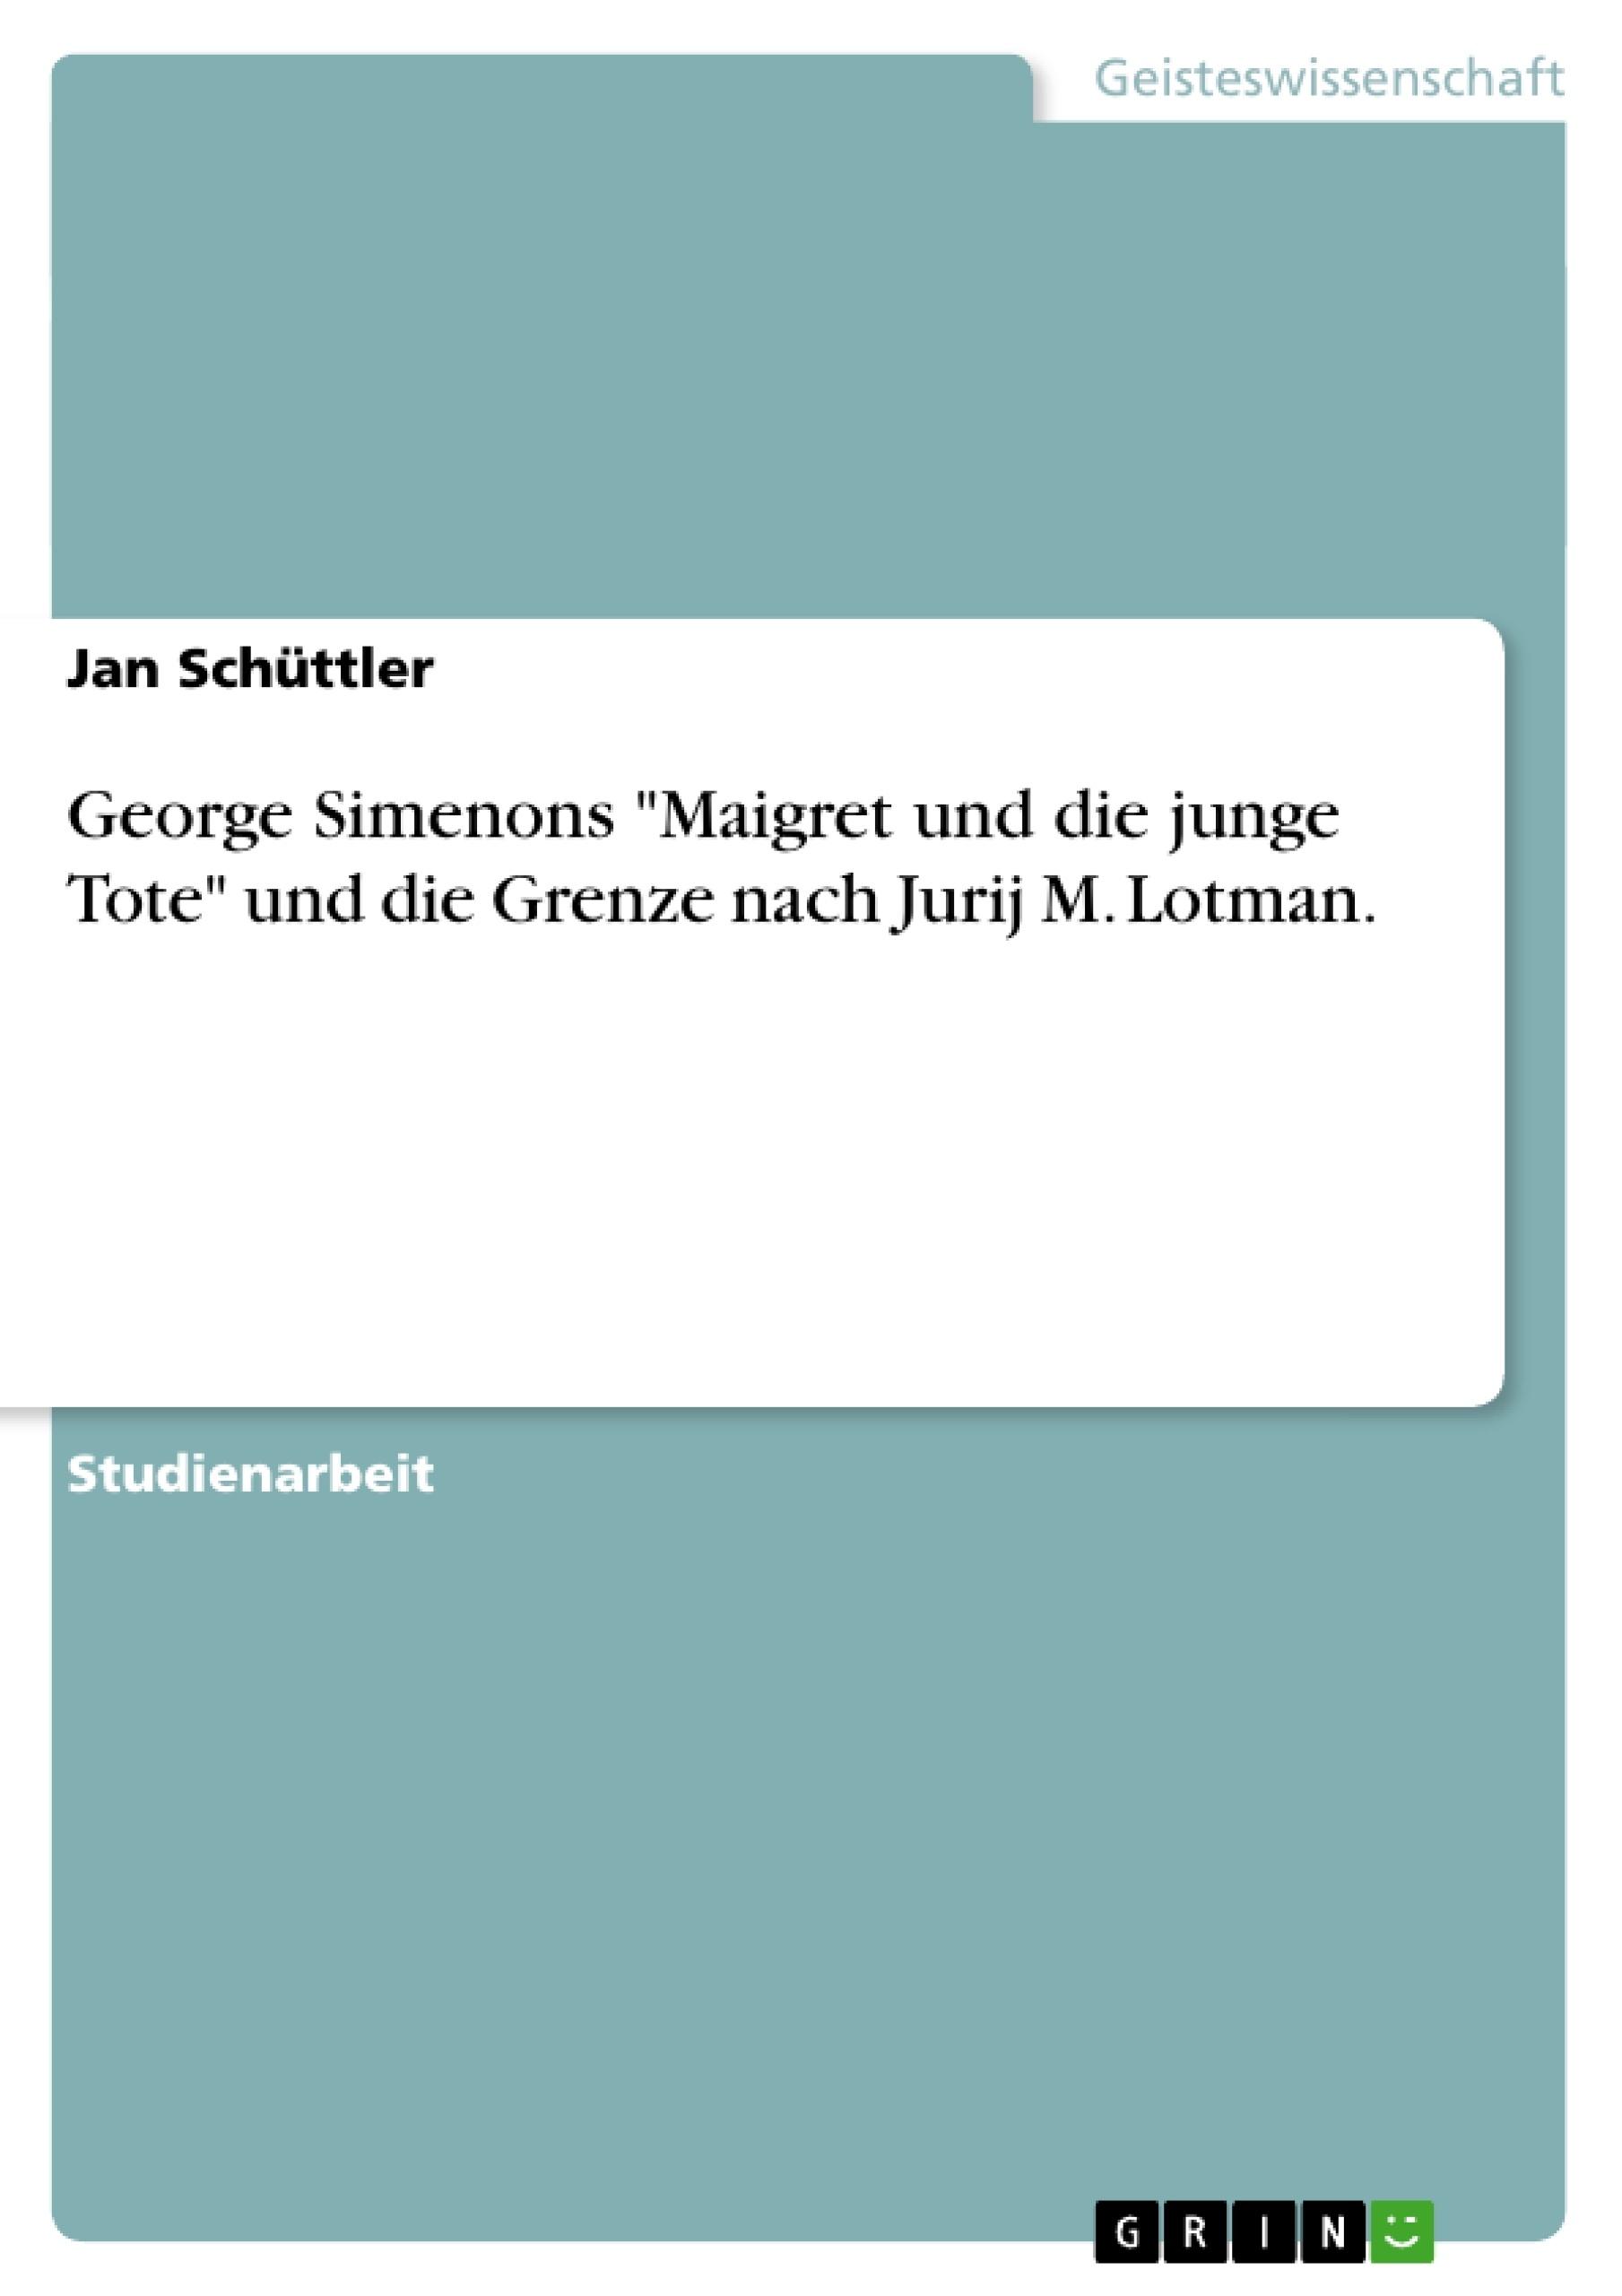 """Titel: George Simenons """"Maigret und die junge Tote"""" und die Grenze nach Jurij M. Lotman."""